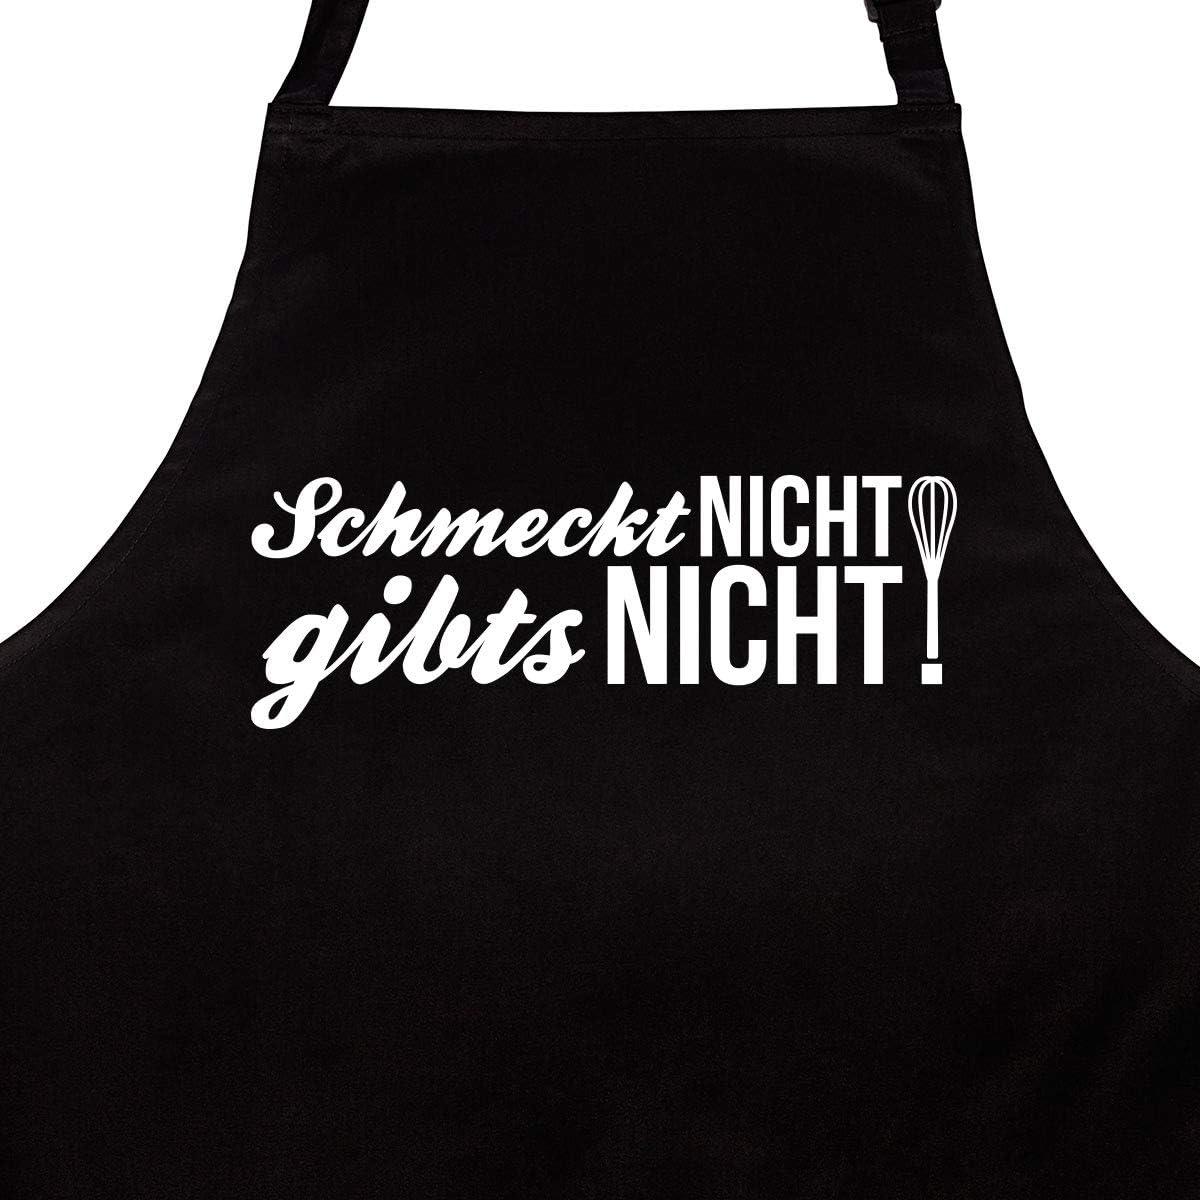 K/üchensch/ürze Latzsch/ürze mit Verstellbarem Nackenband Kochsch/ürze WANDKINGS Sch/ürze Schmeckt Nicht Gibts Nicht Grillsch/ürze